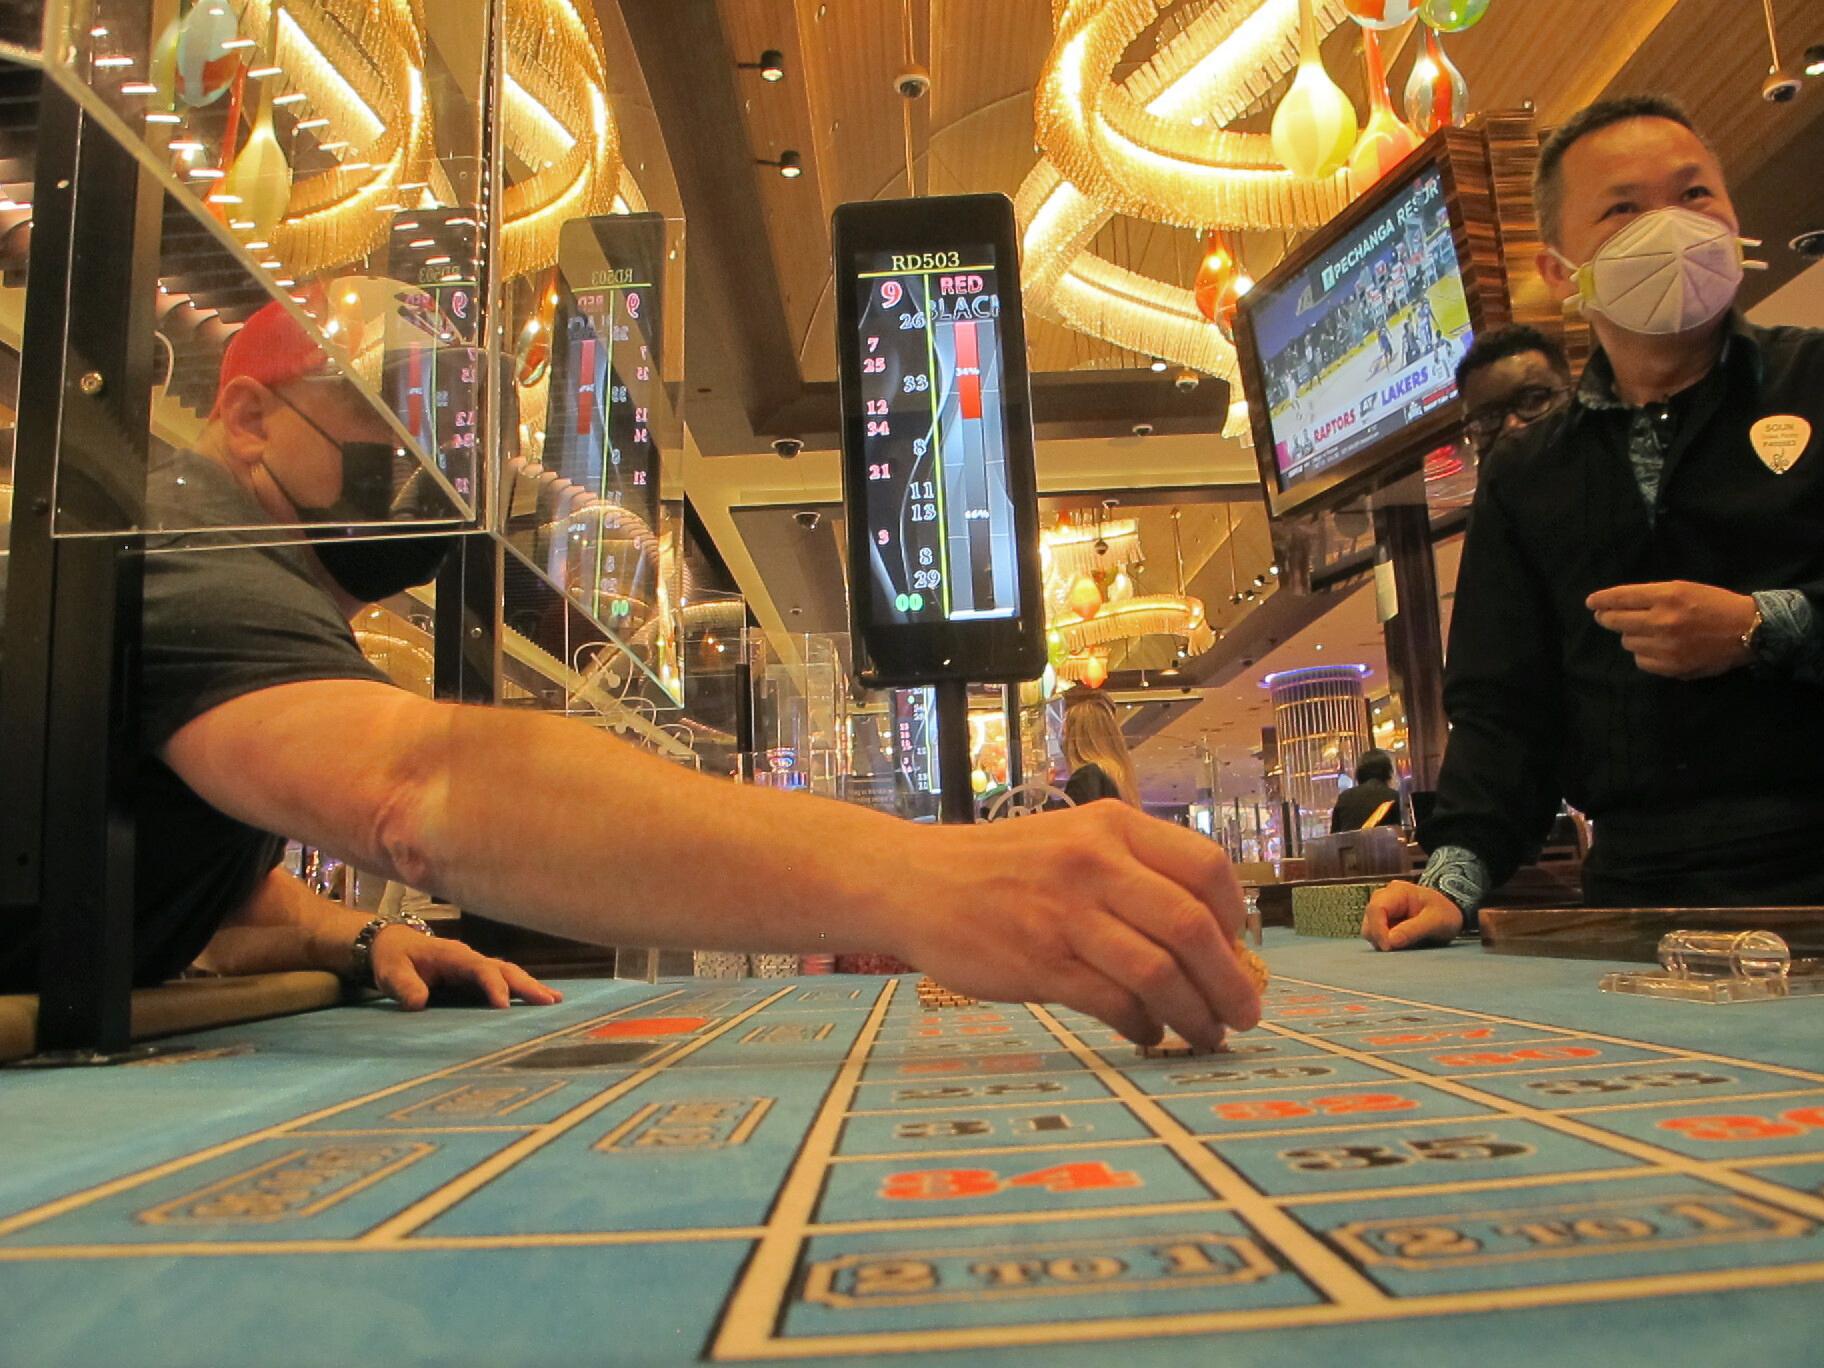 Vegas 24 casino Yeti 126327